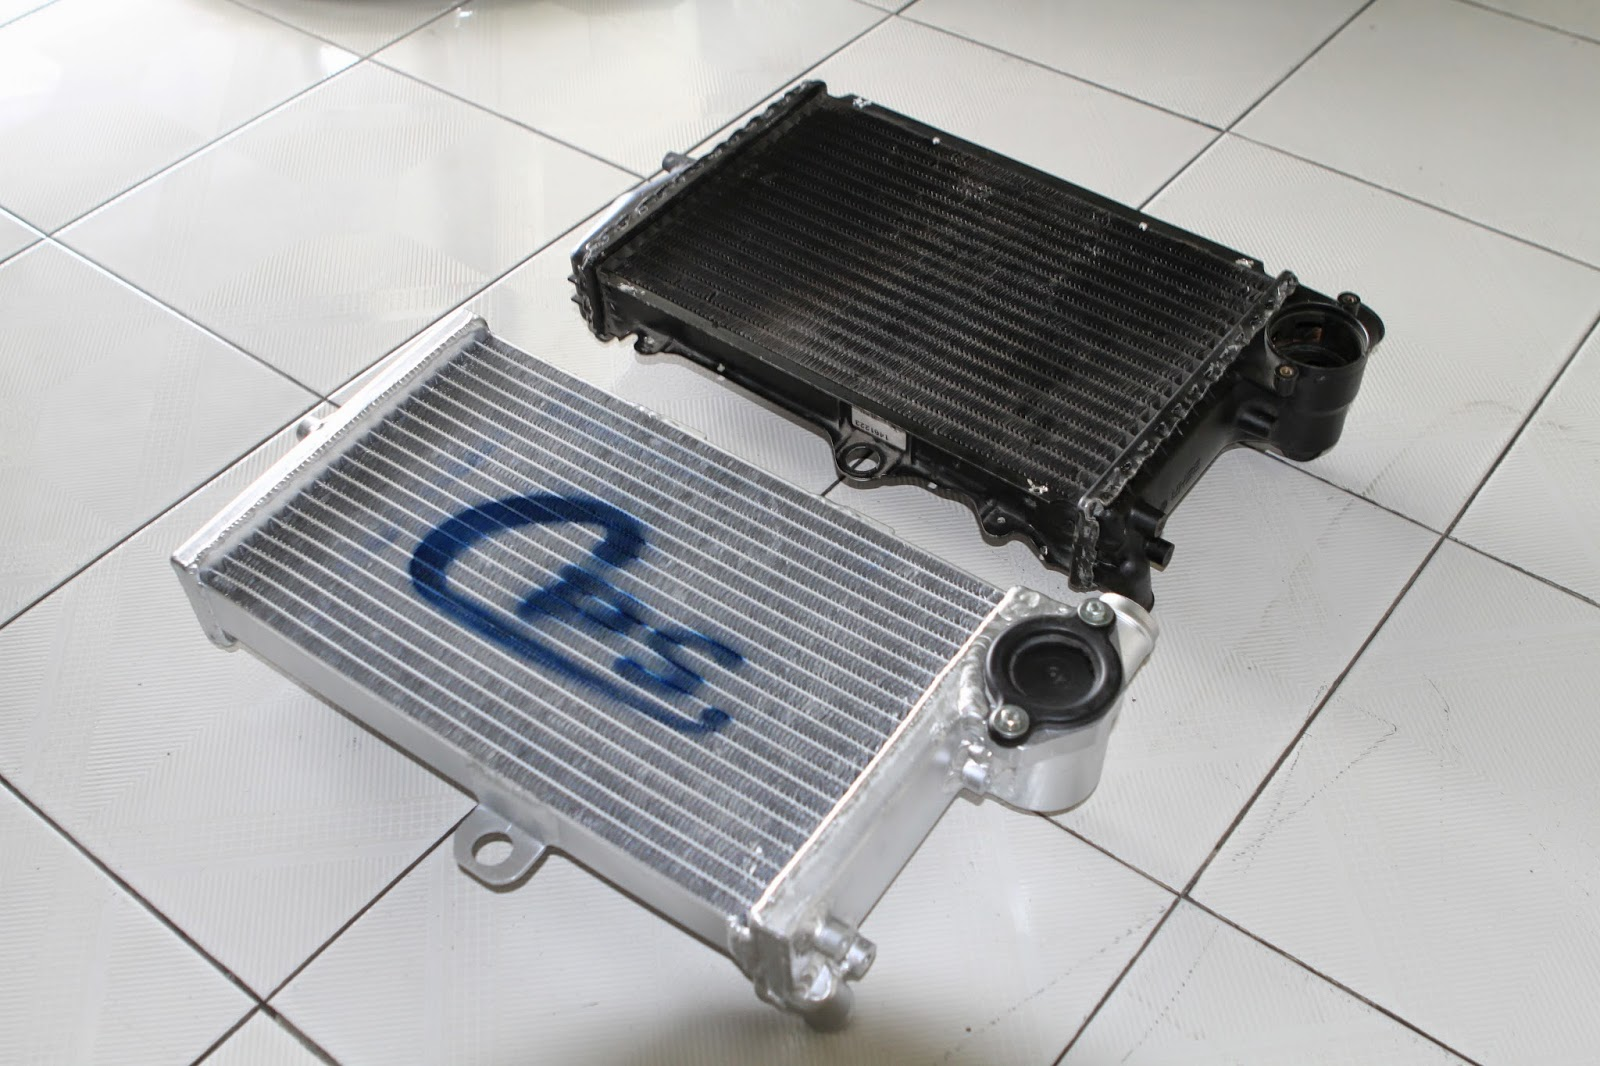 หม้อน้ำมอเตอร์ไซค์ บีเอ็มดับเบิ้ลยู BMW motorcycle radiator